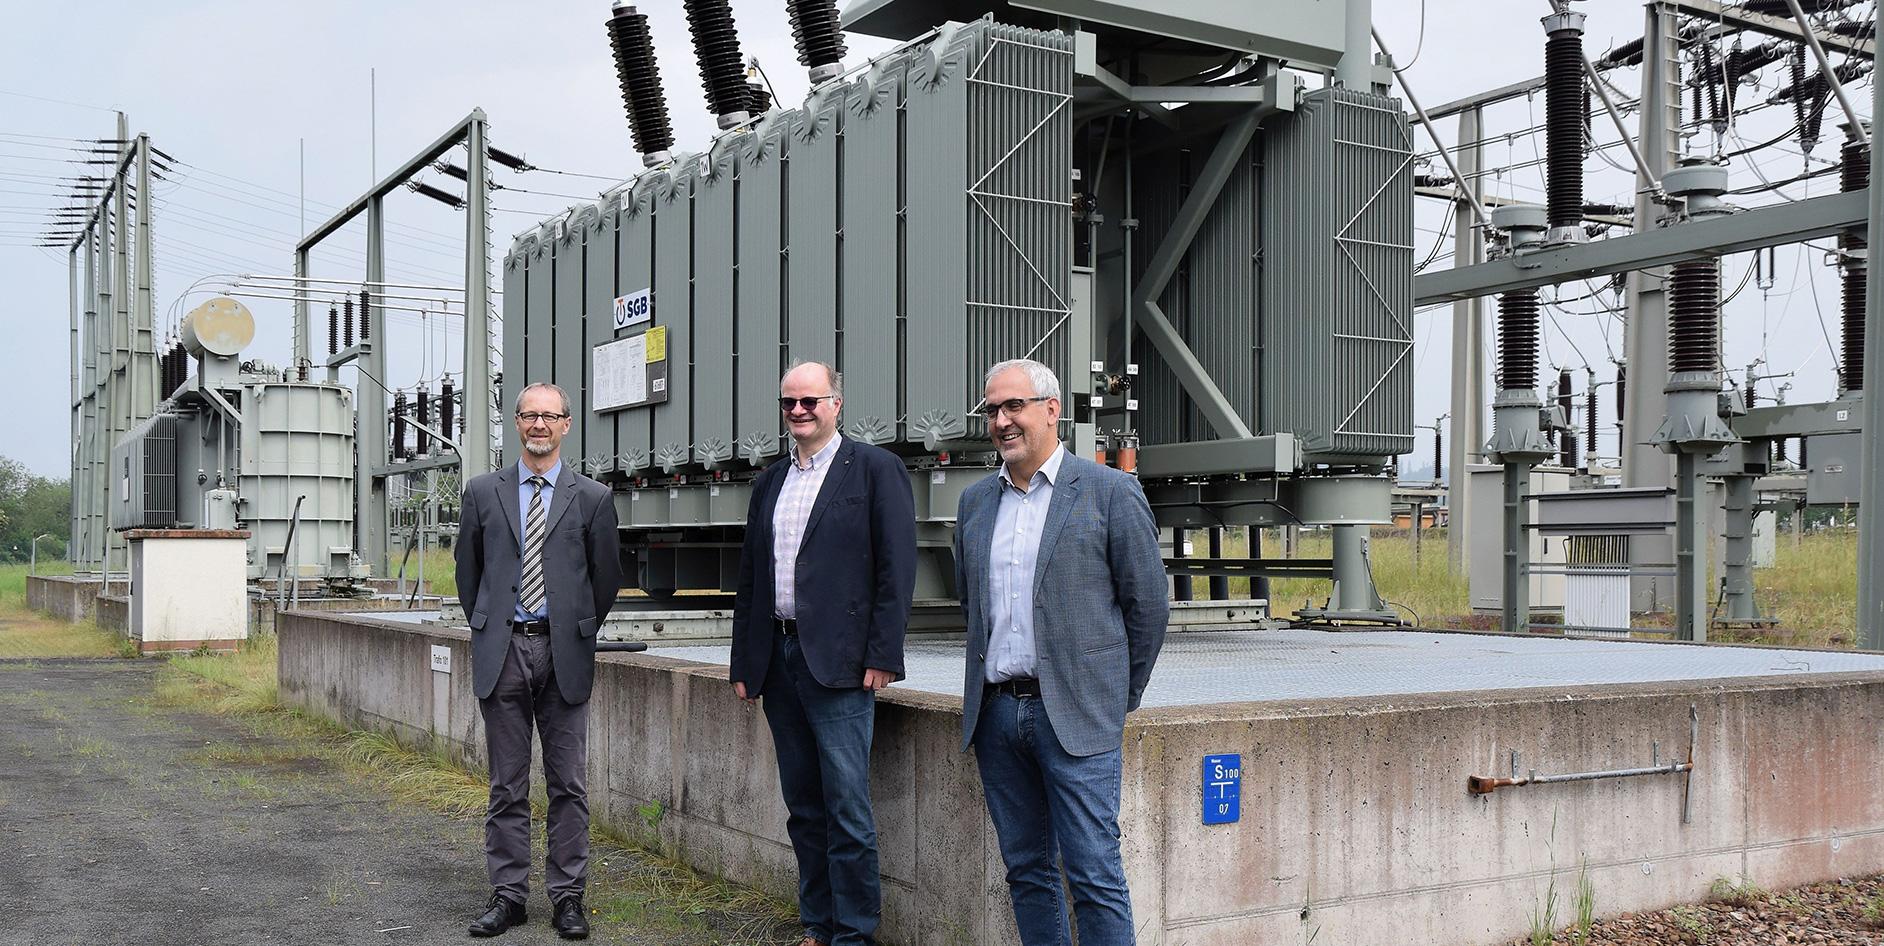 Die EAM hat einen neue, leistungsstärkerer Transformator im Umspannwerk Kirchhain in Betrieb genommen.